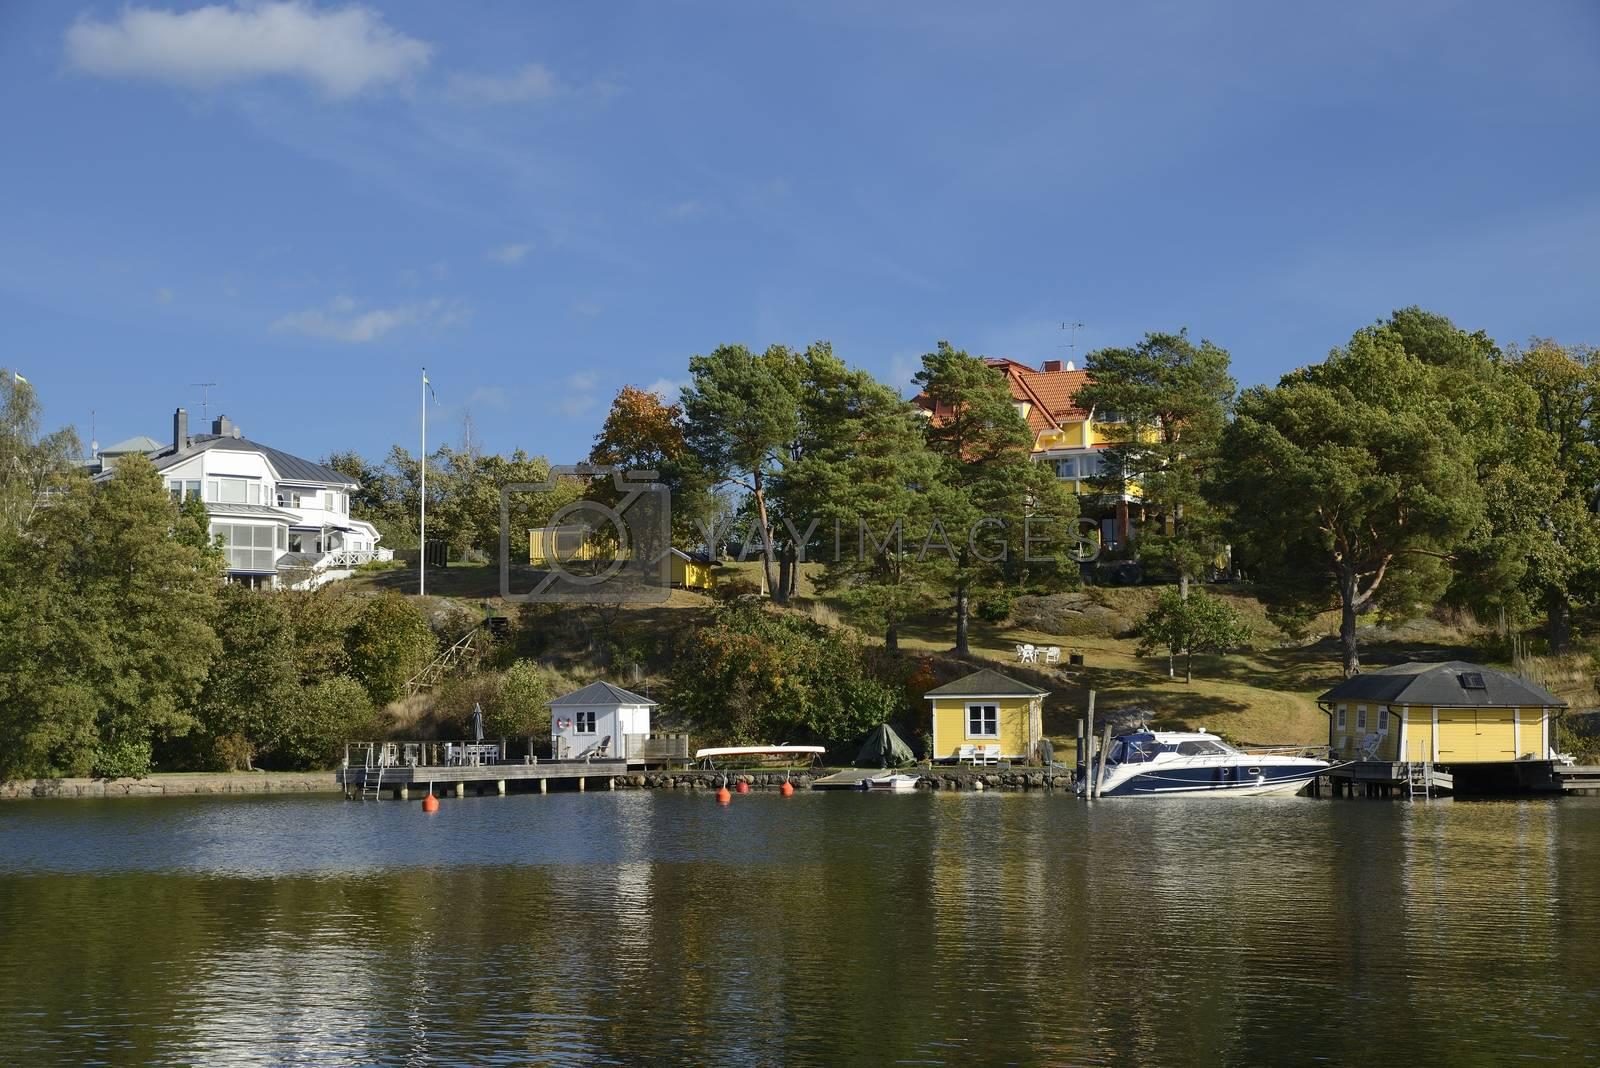 Harbor in Nynashamn - Sweden.